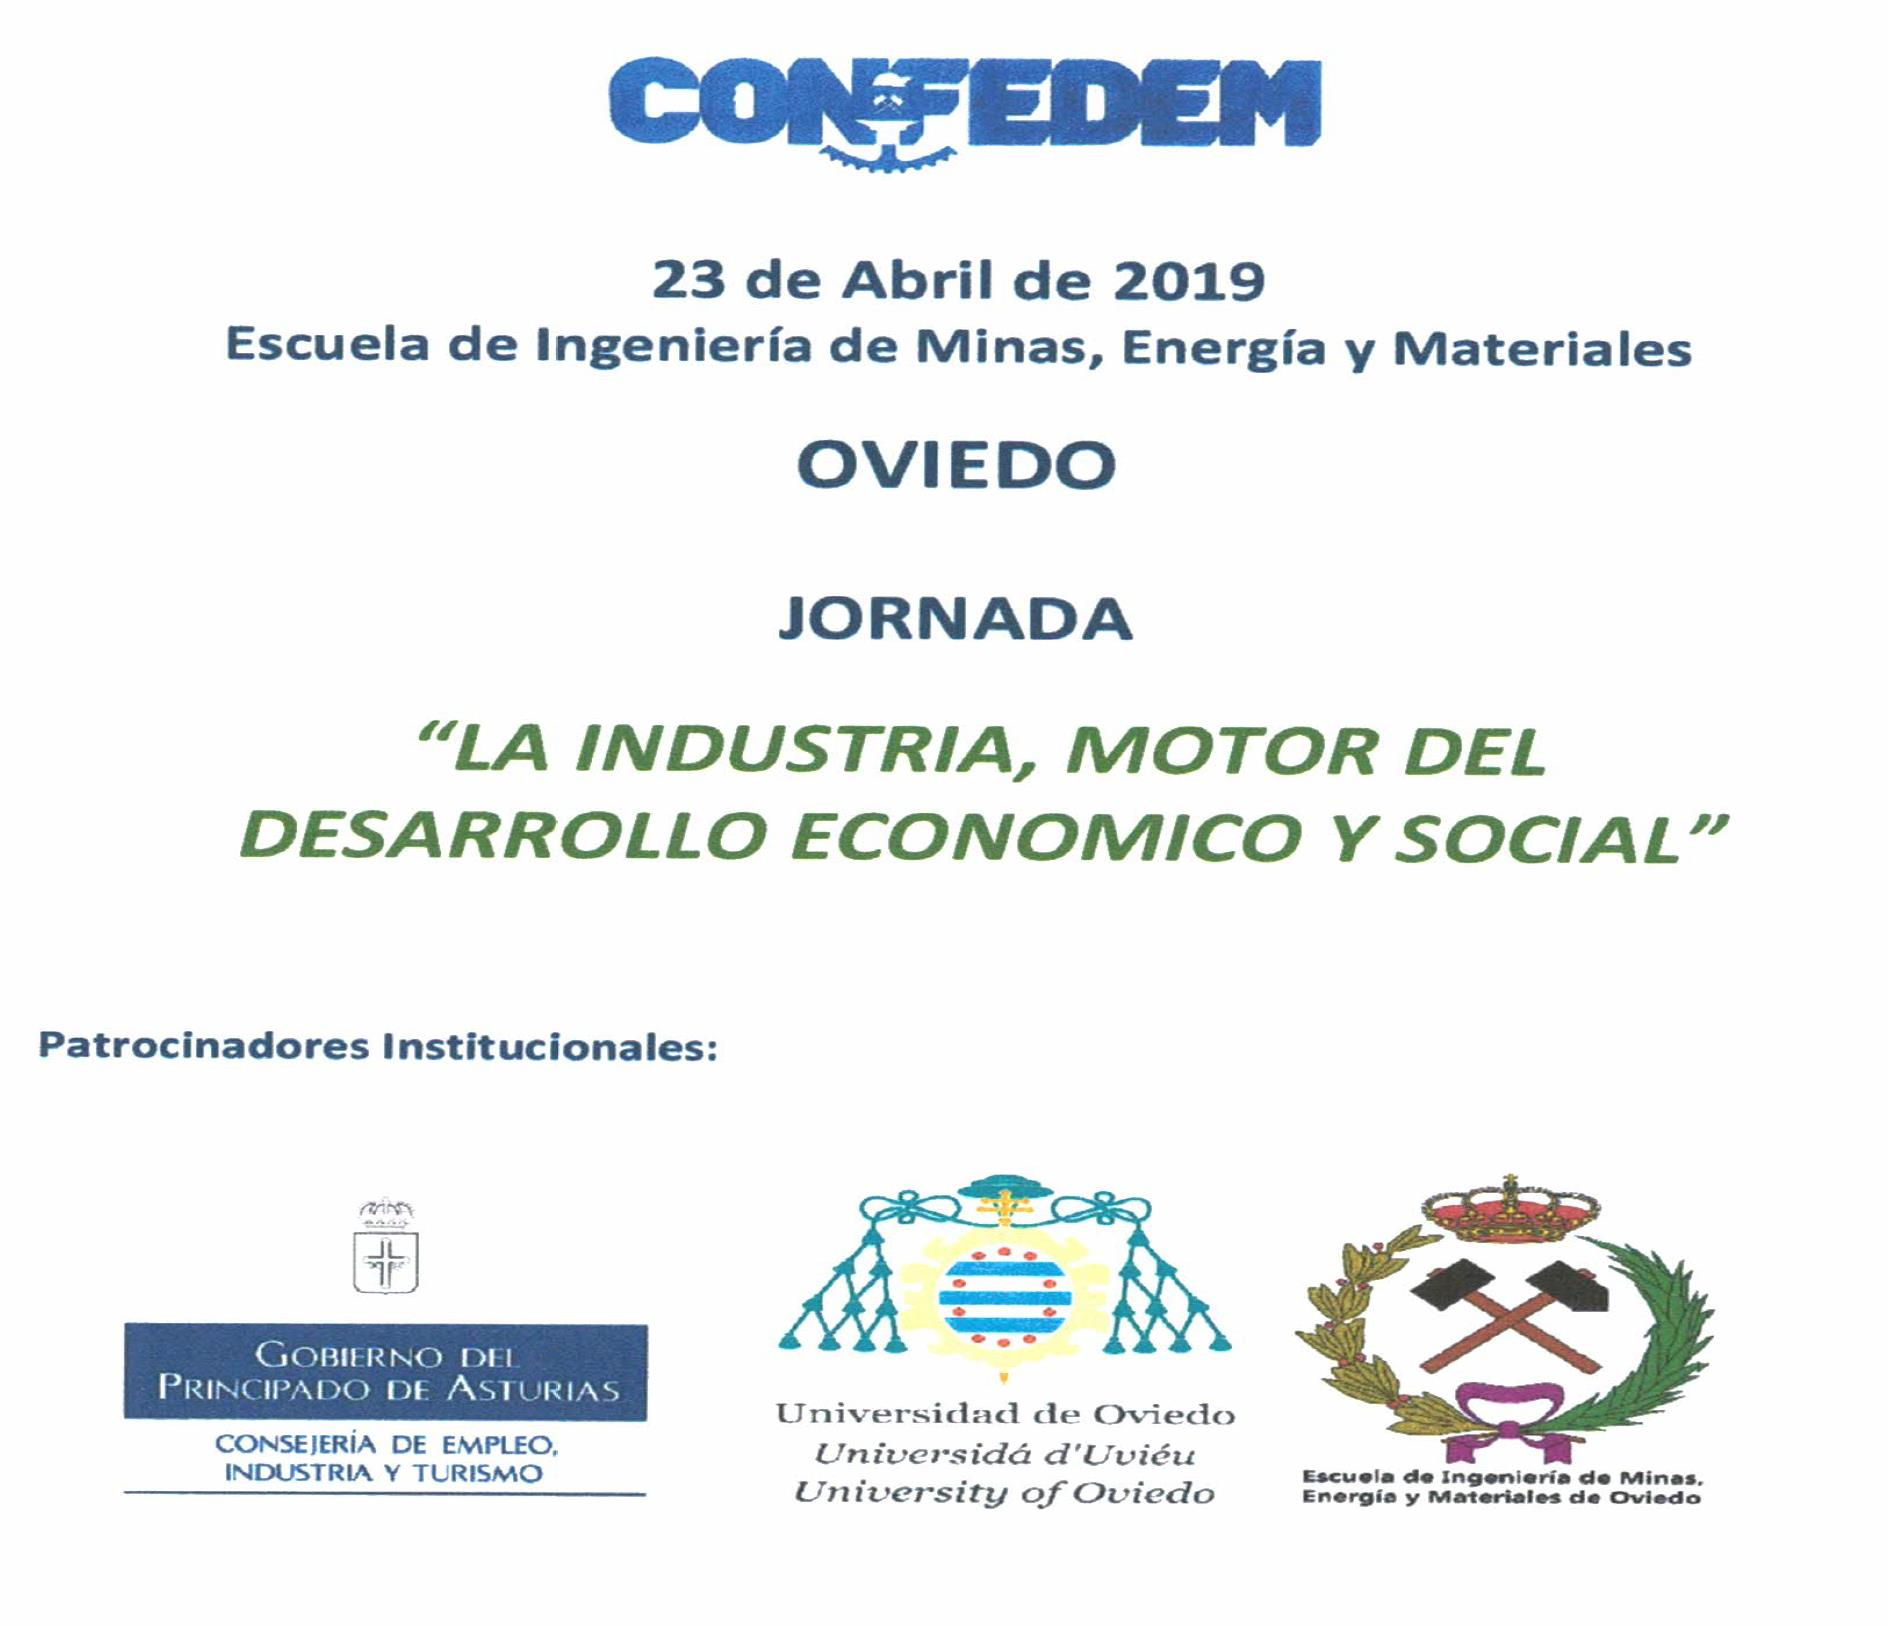 Jornada Oviedo 2019